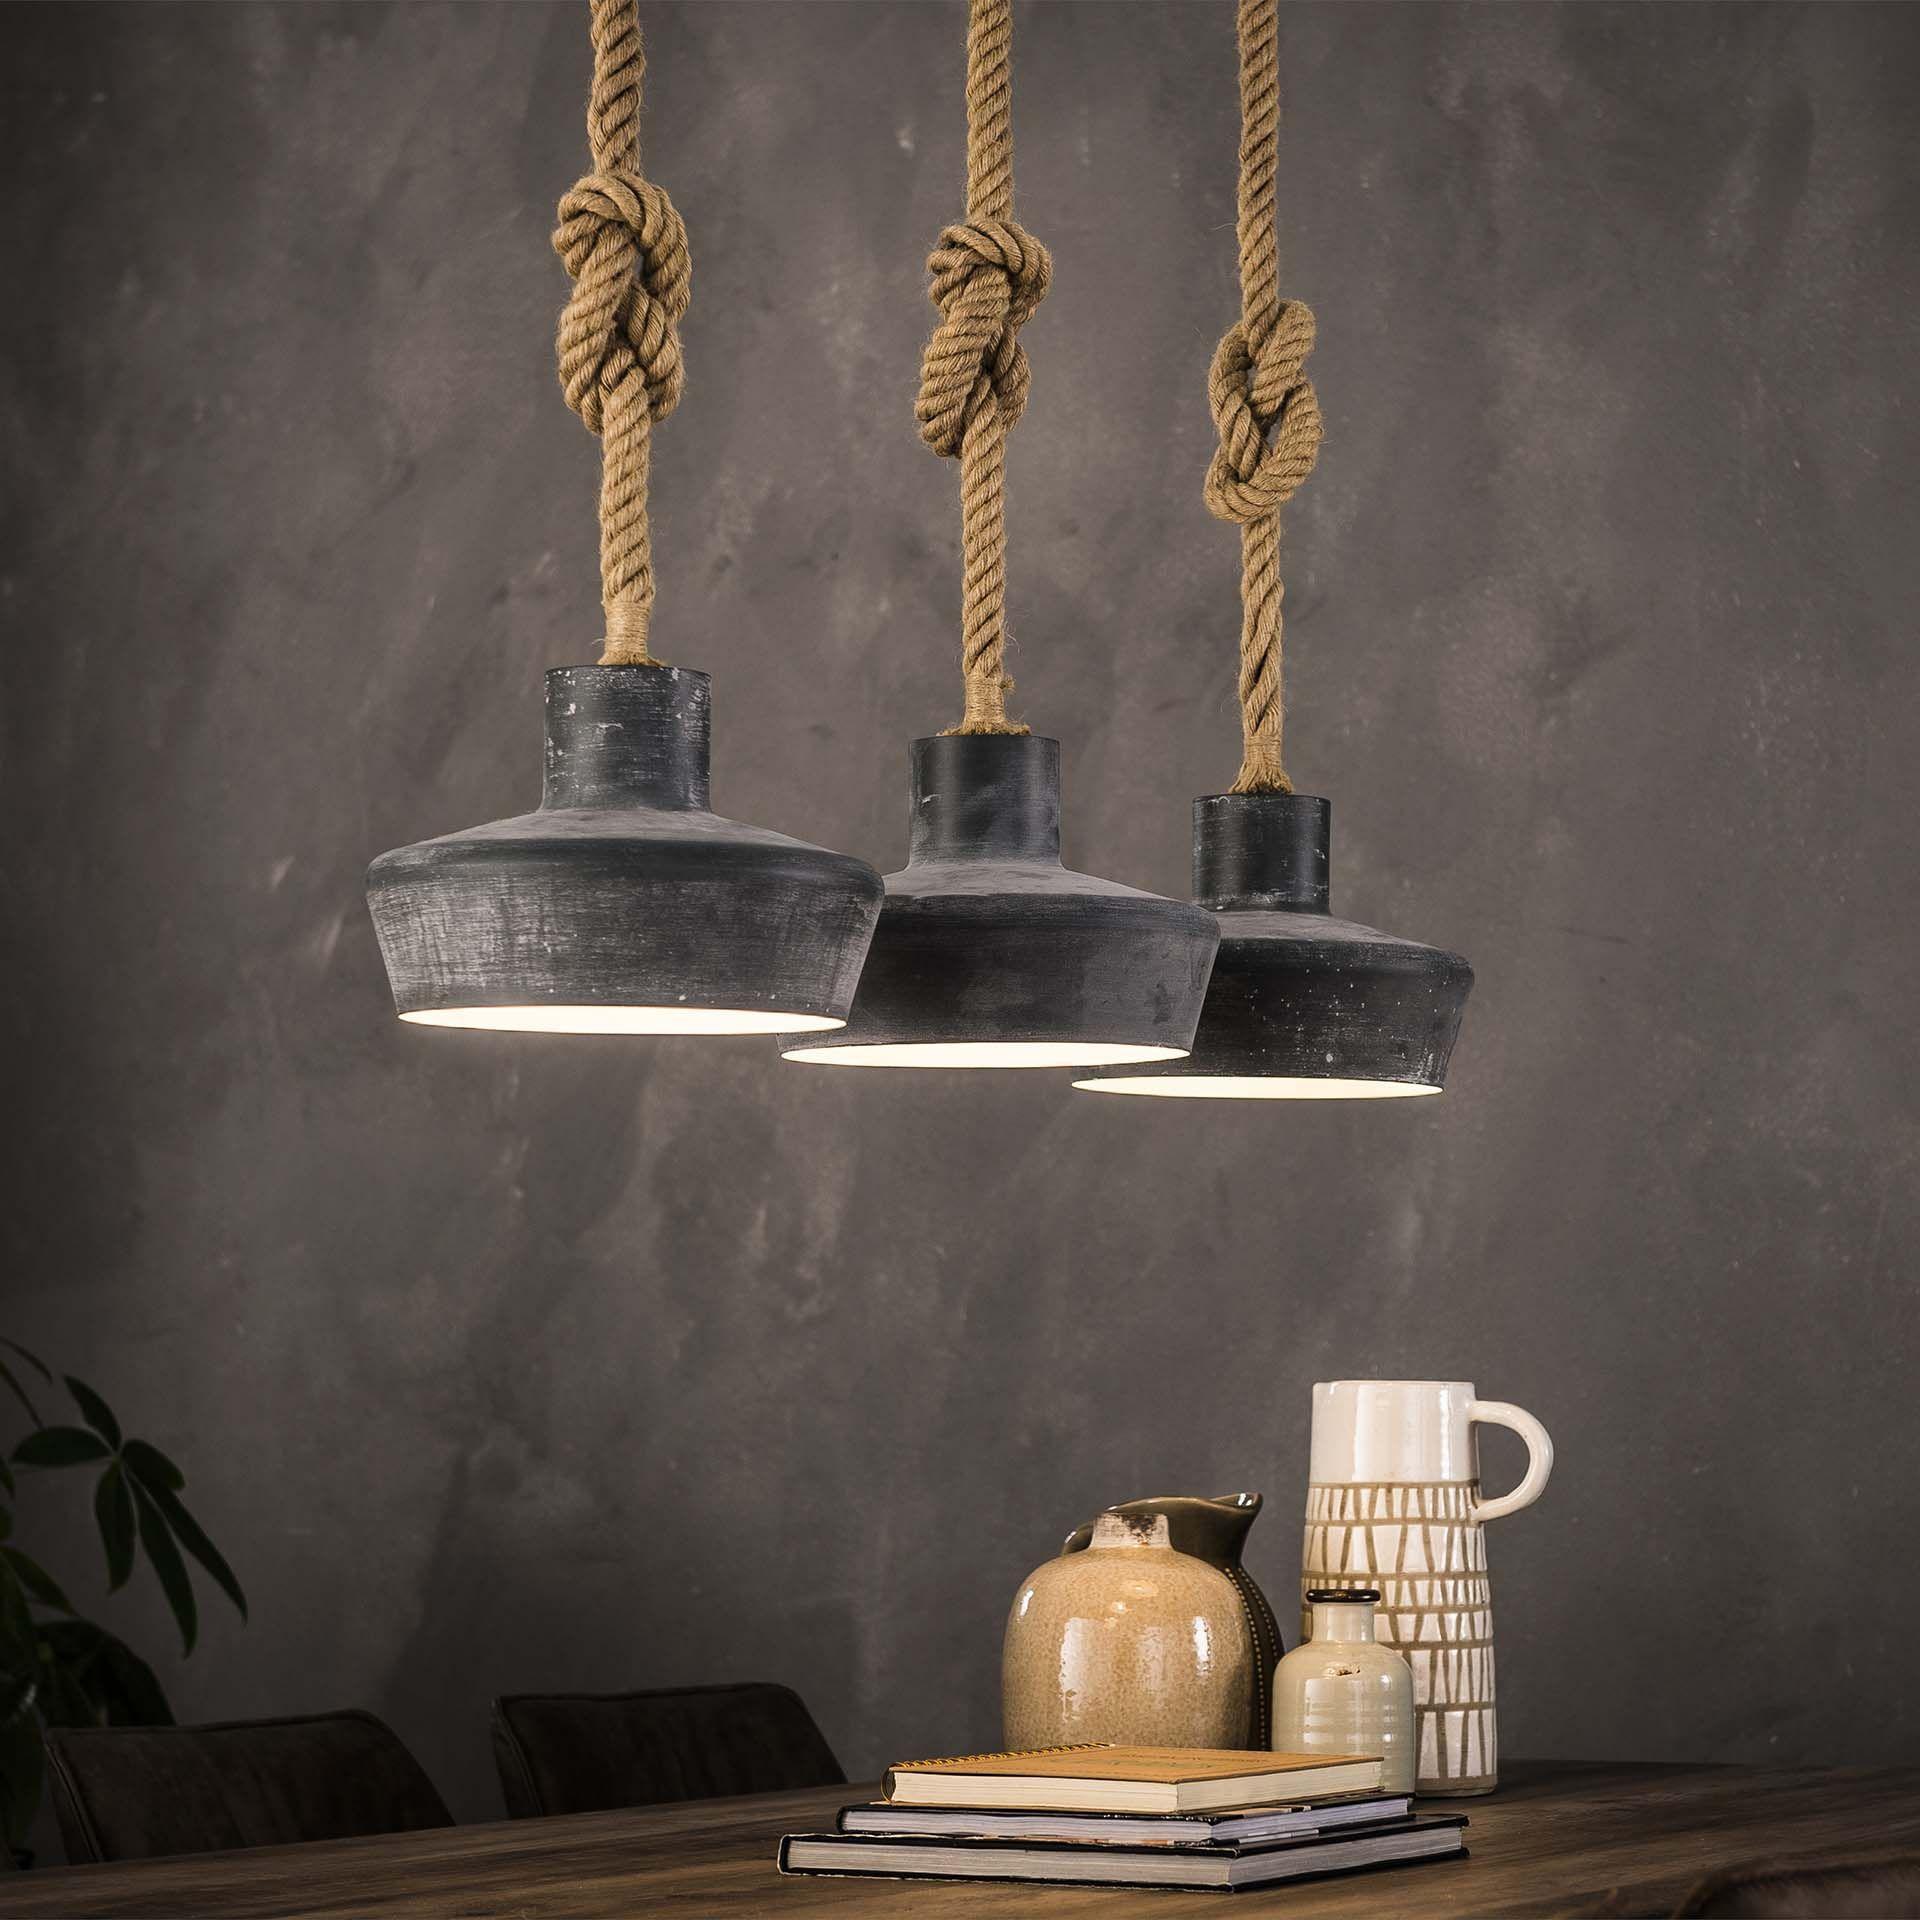 Hanglamp 3xo28 Betonlook Verstelbaar Touw In 2020 Industriele Hanglampen Plafondverlichting Eetkamertafel Lamp